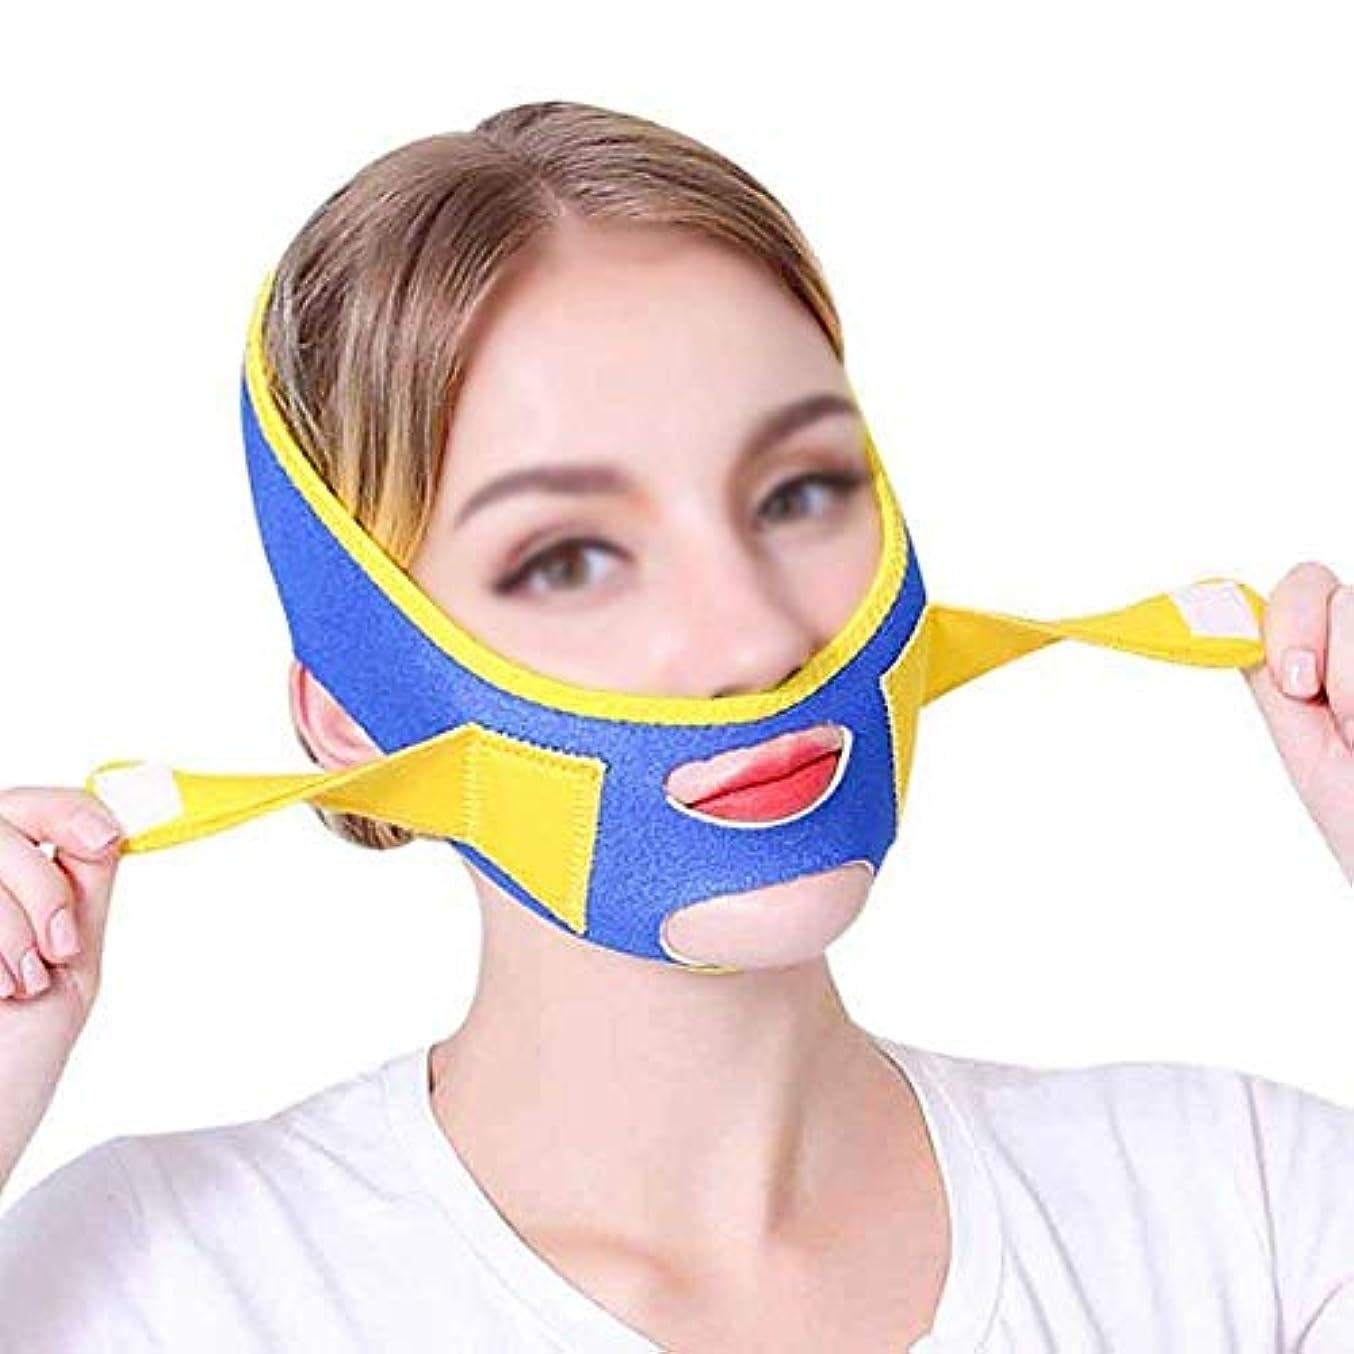 剥ぎ取る資本主義情熱的フェイスリフトマスク、あごひも回復包帯薄いフェイスマスクVフェイスステッカーフェイスリフトステッカー韓国本物のリフティング引き締め引き締め成形薄いダブルチンフェイスリフト睡眠包帯アーティファクト